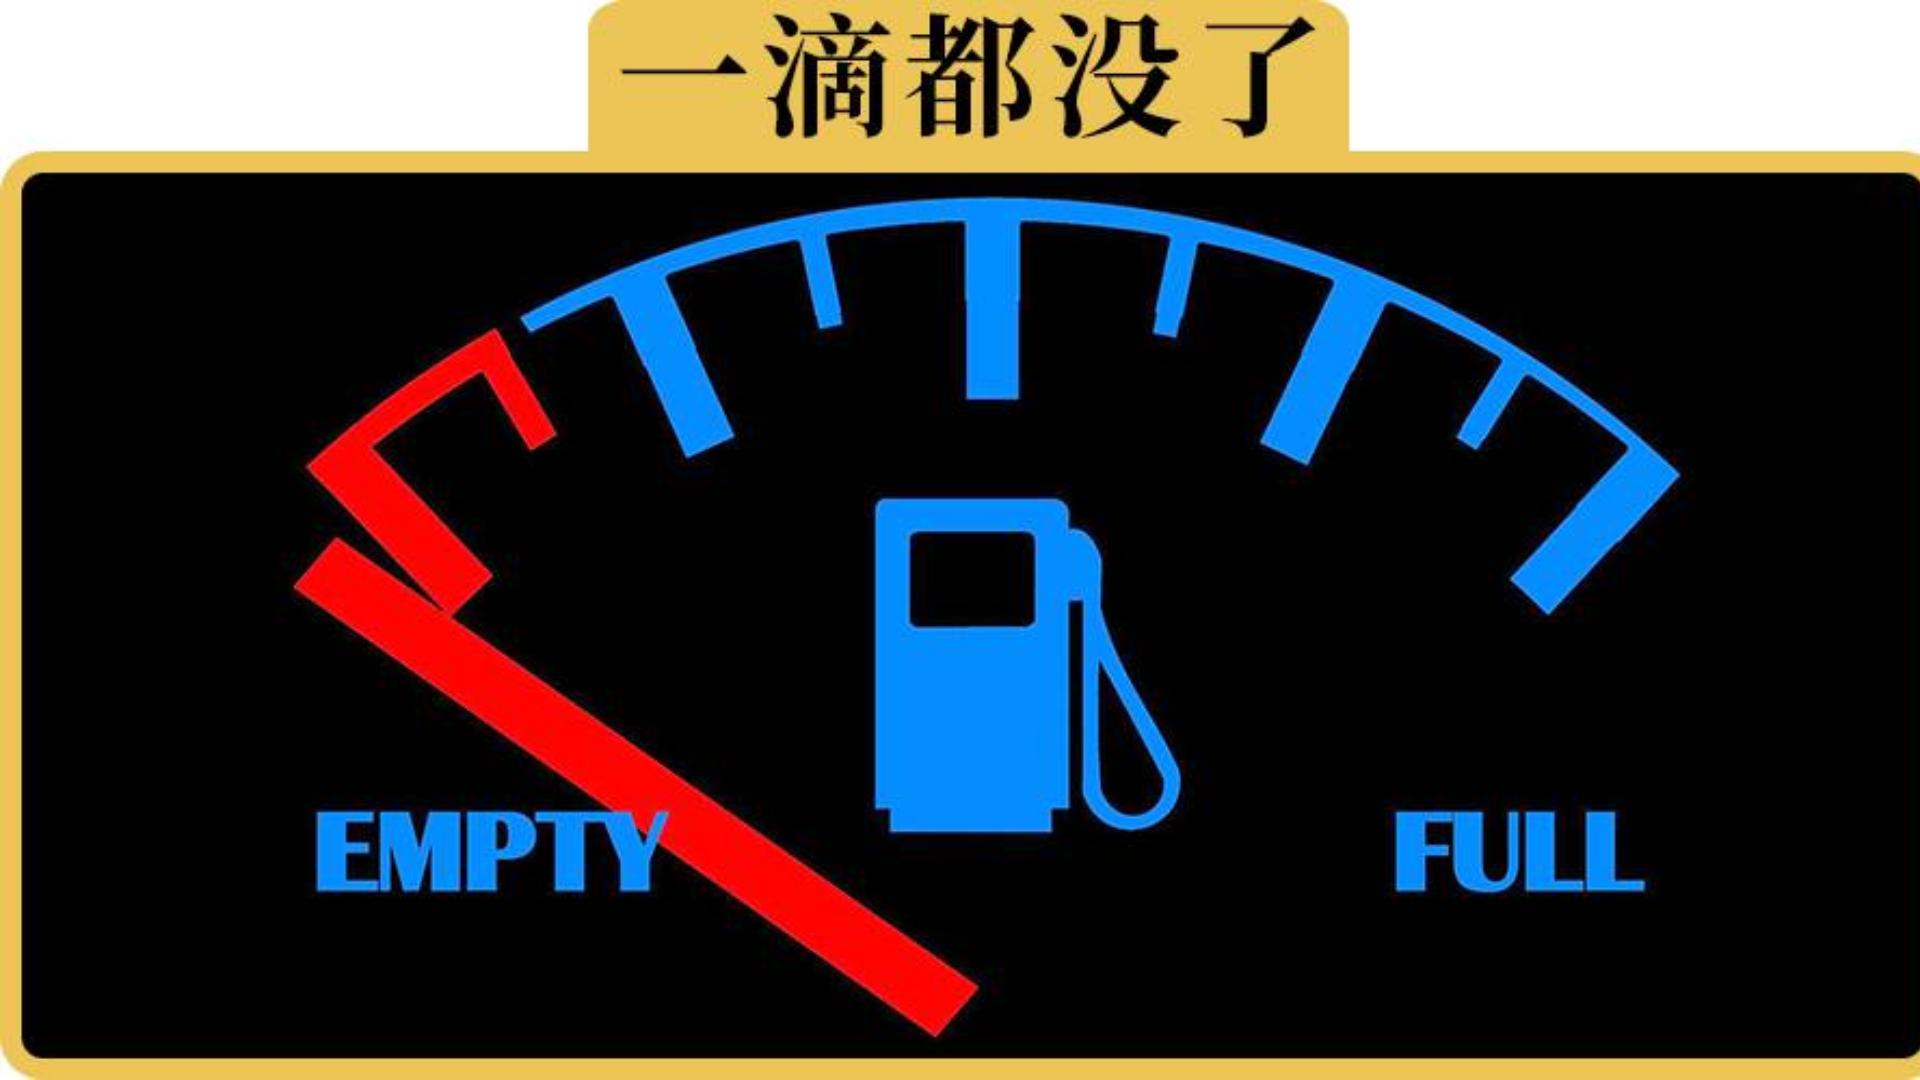 为什么刚买的新车,4S店只给1杯油